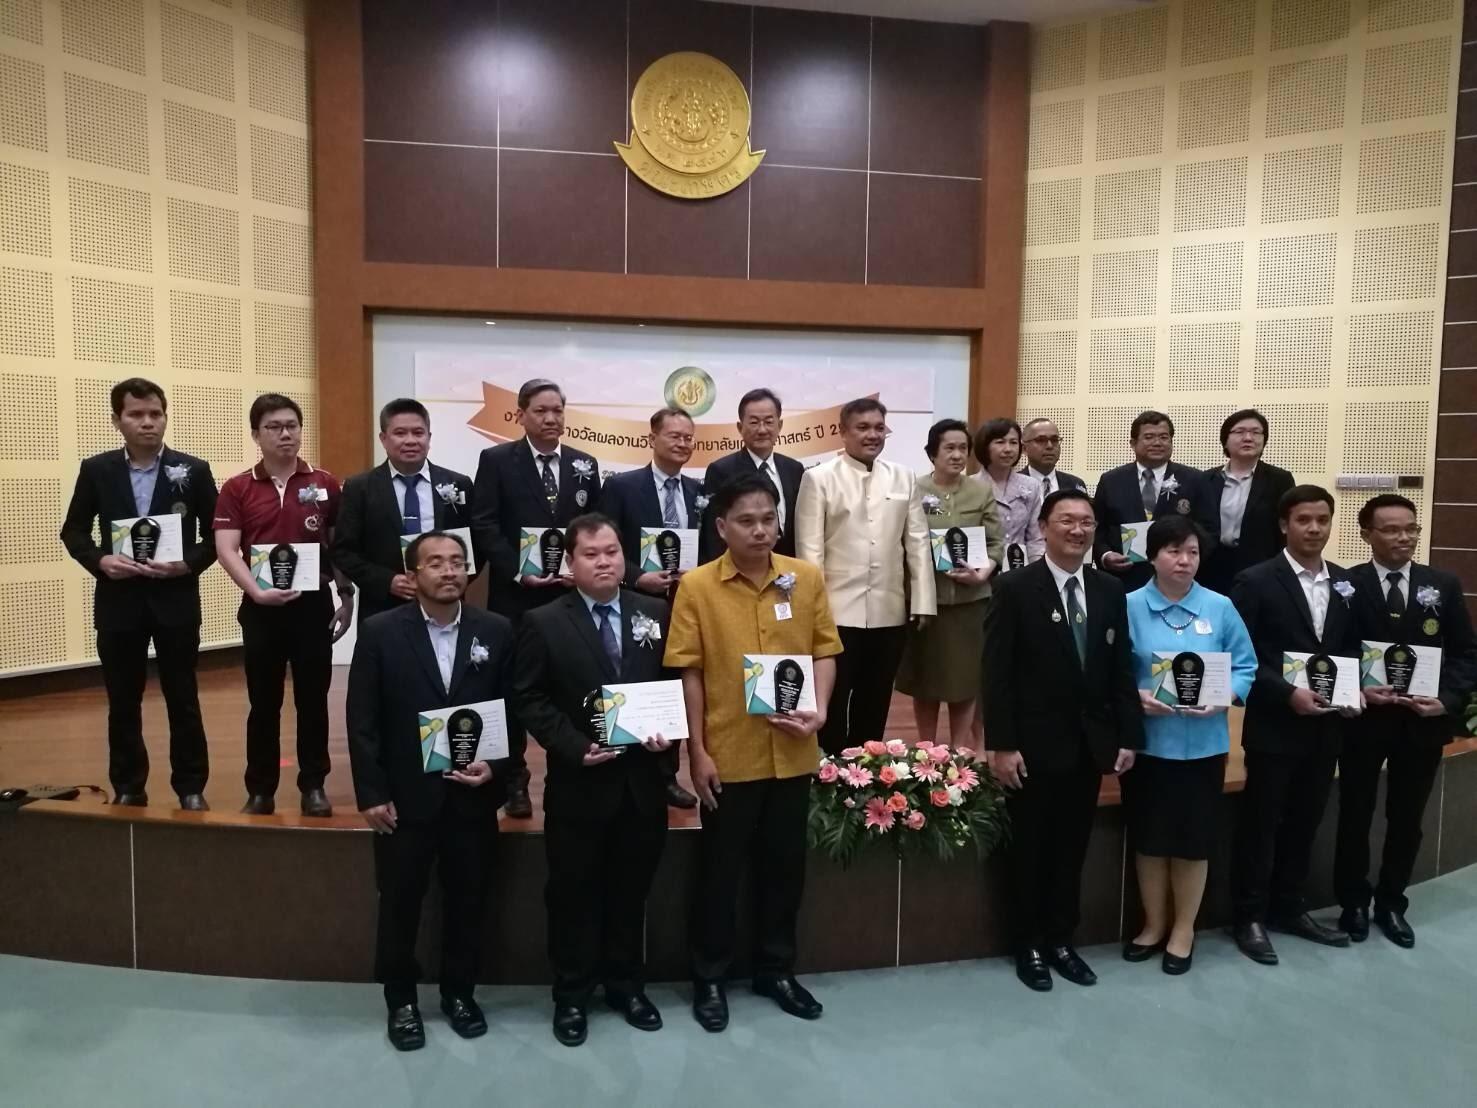 งานมอบรางวัลผลงานวิจัยของมหาวิทยาลัยเกษตรศาสตร์ ประจำปี 2559